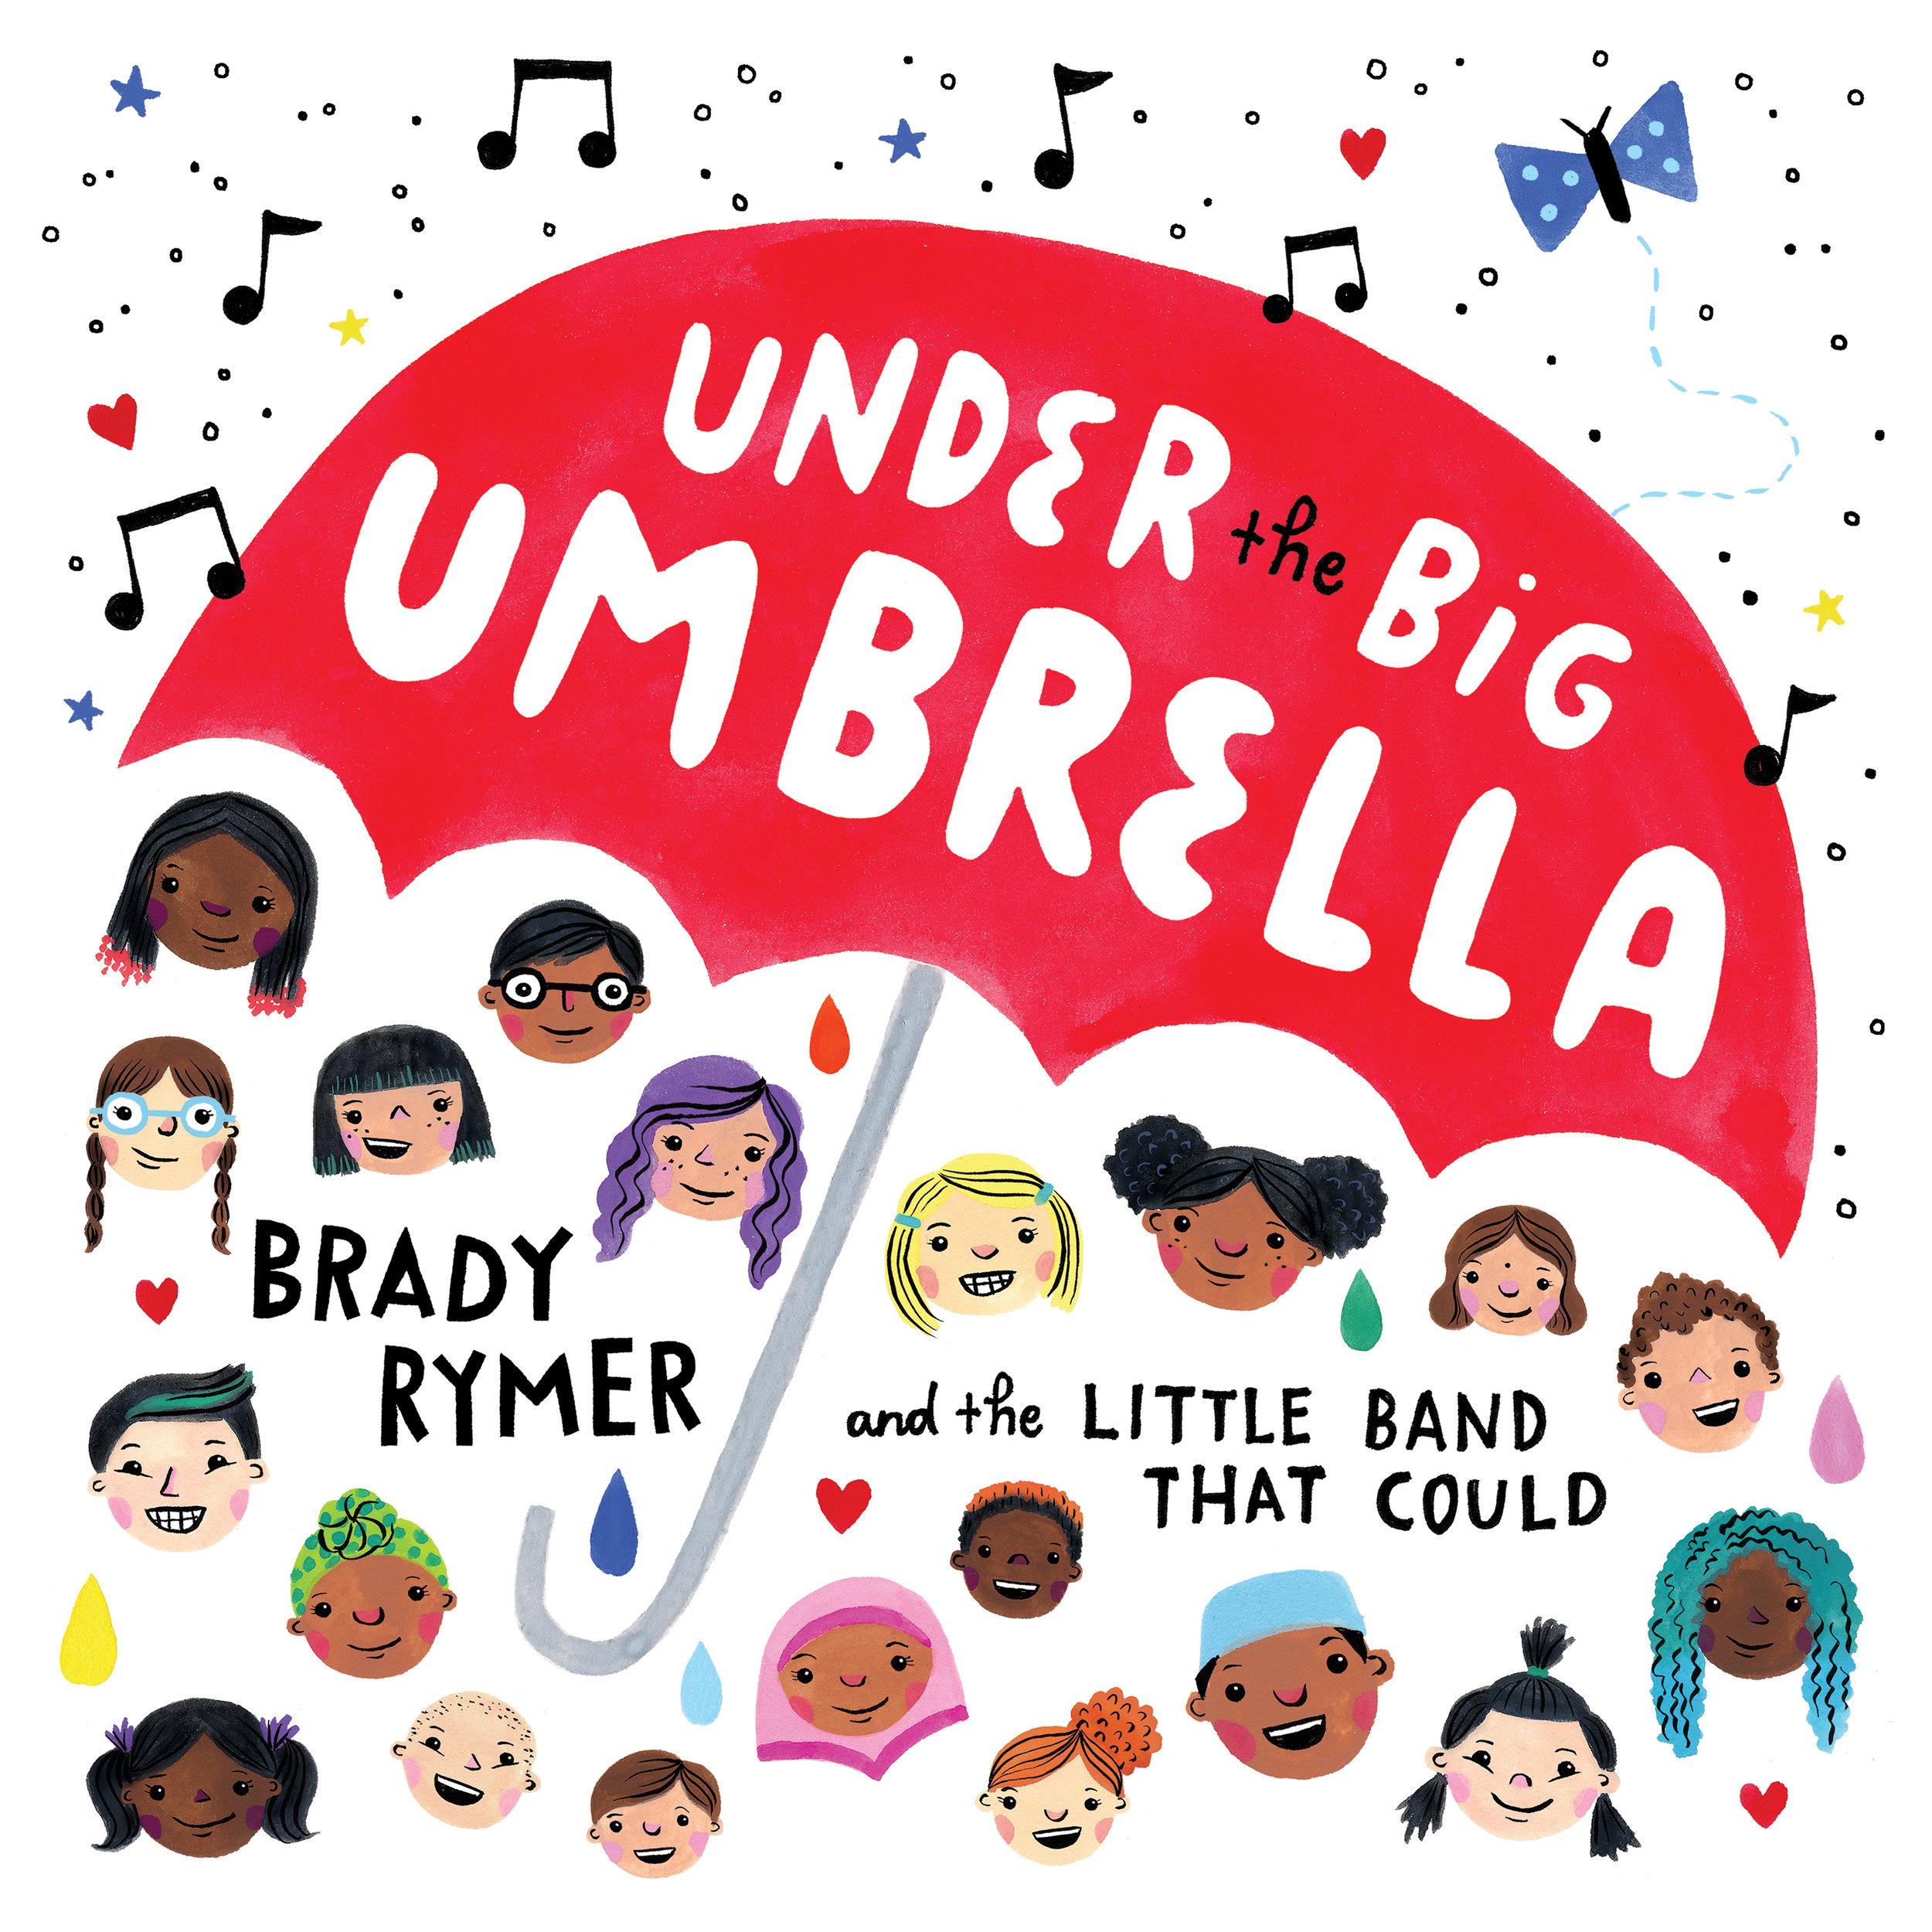 Emily's  Under the Big Umbrella  album cover.